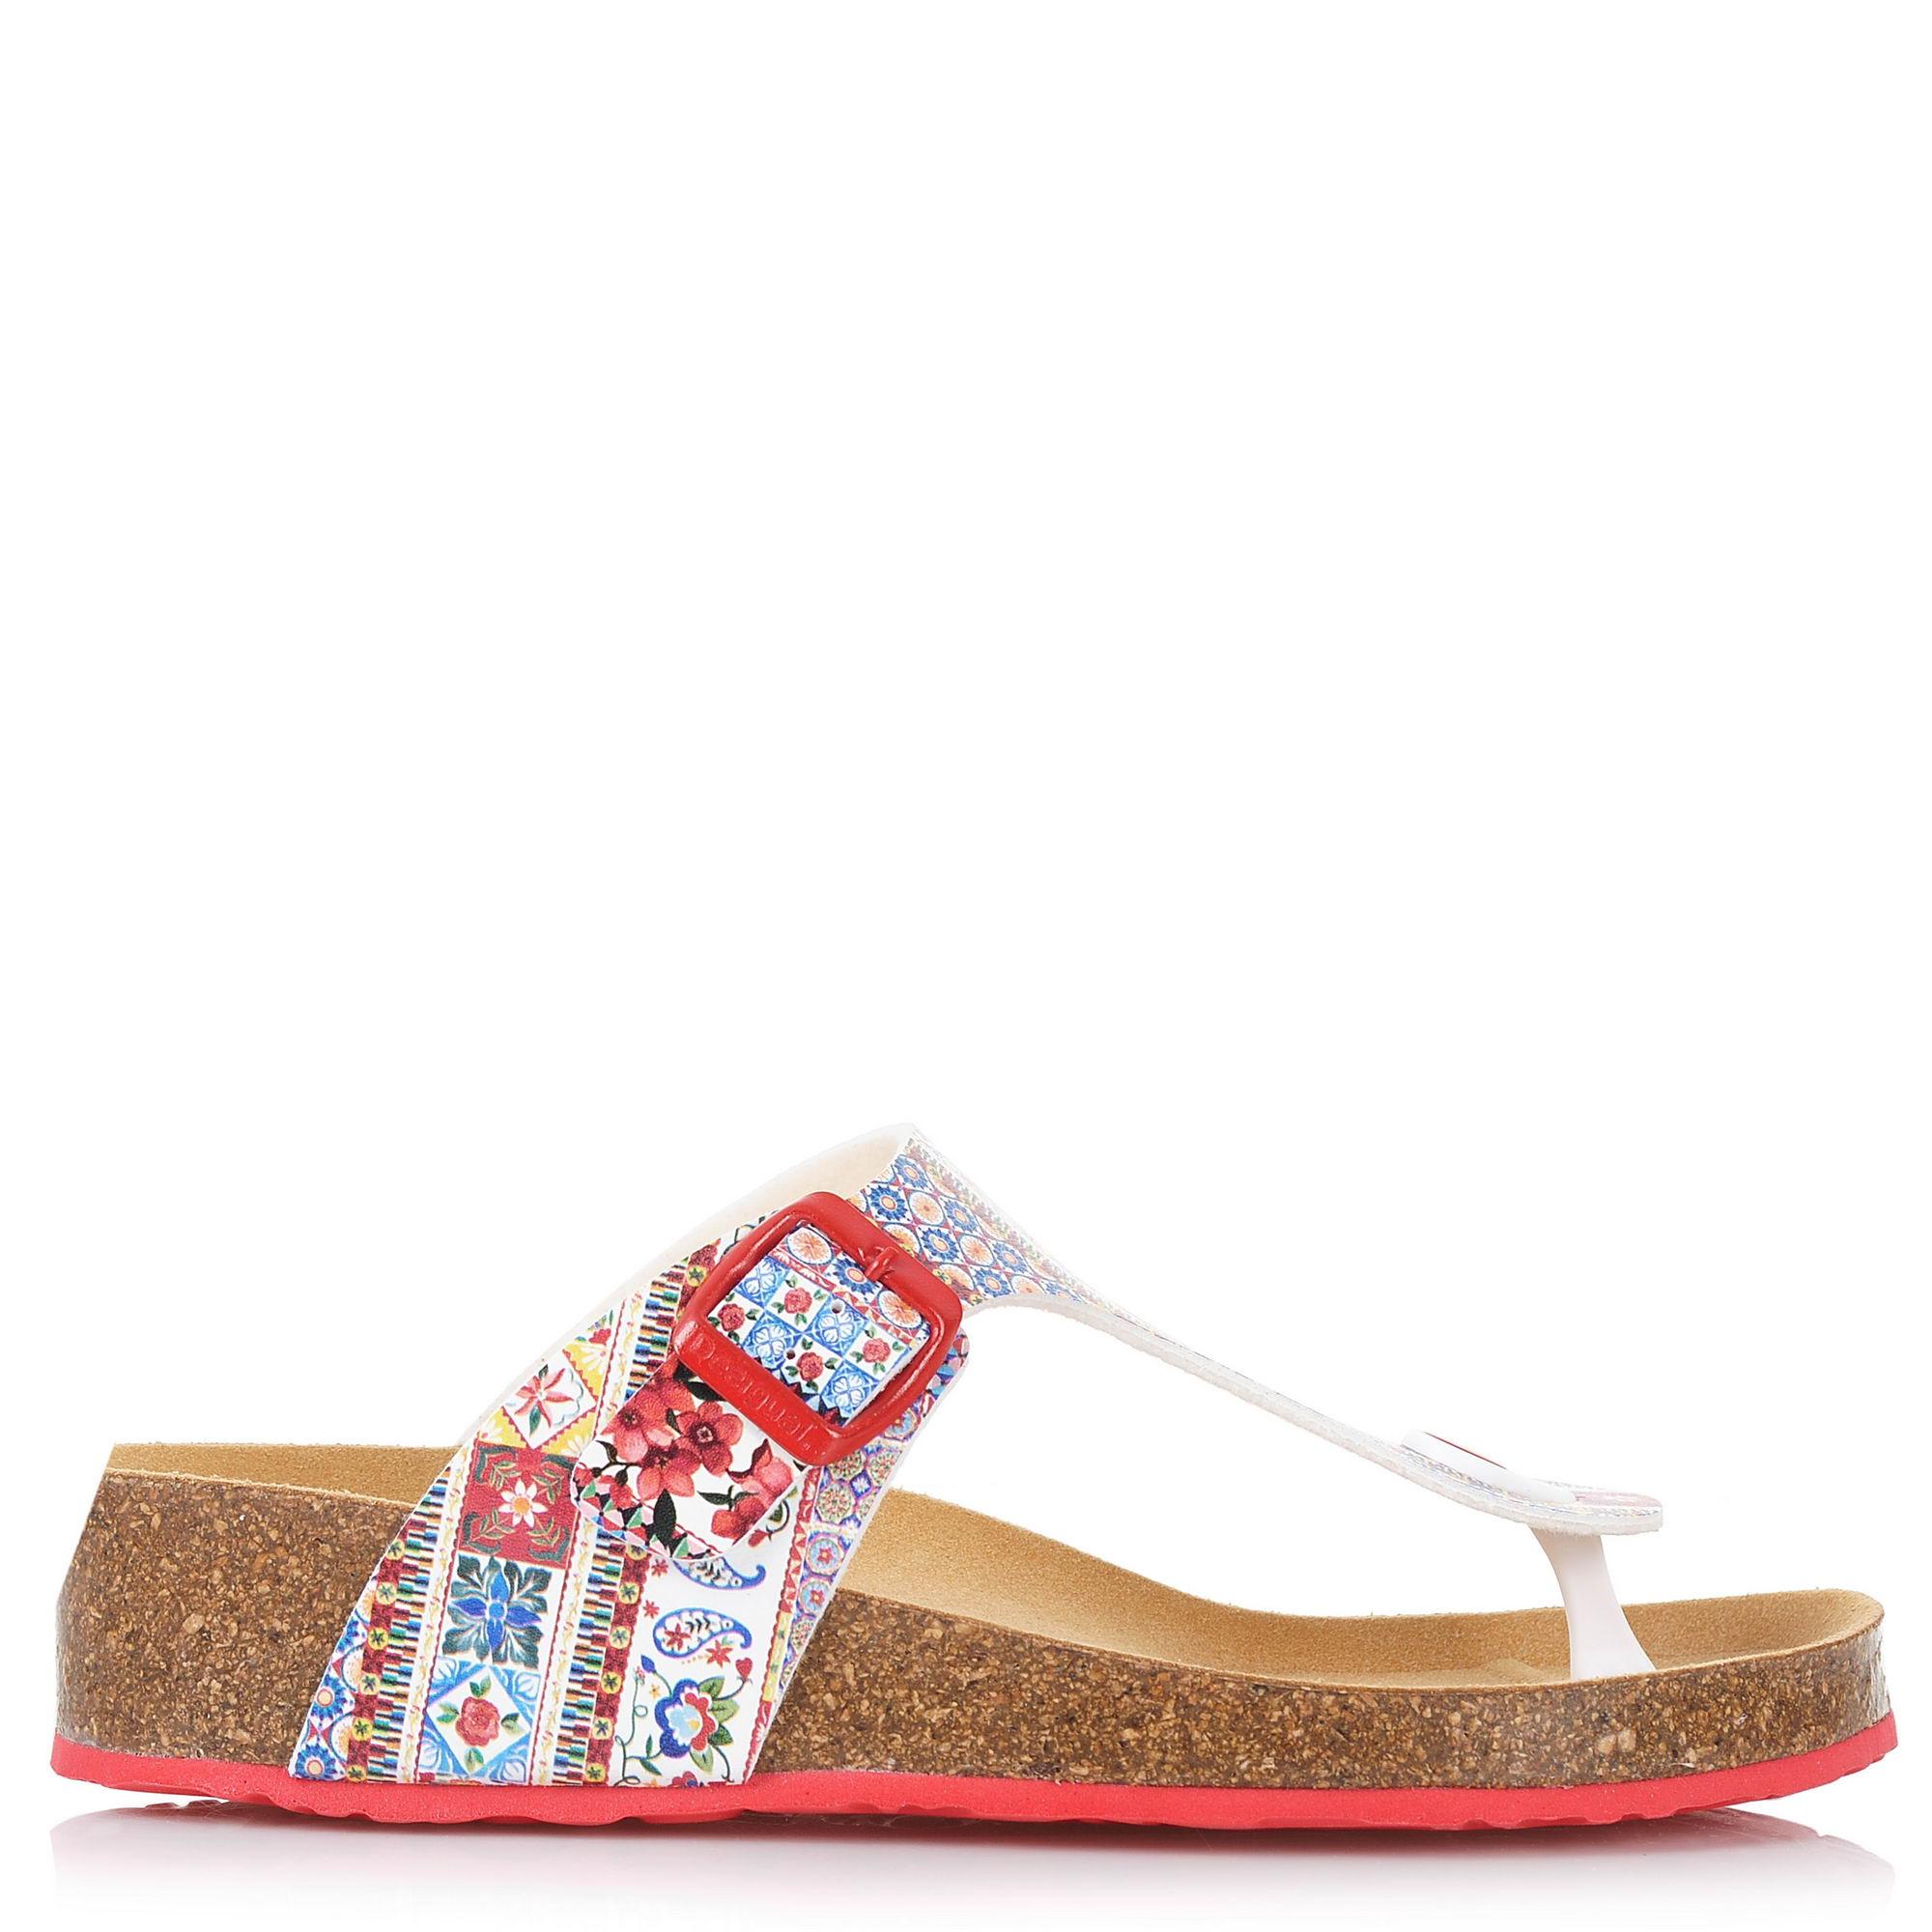 Πέδιλα Desigual Shoes Libra Microrapport 18SSHP17 γυναικα   γυναικείο παπούτσι